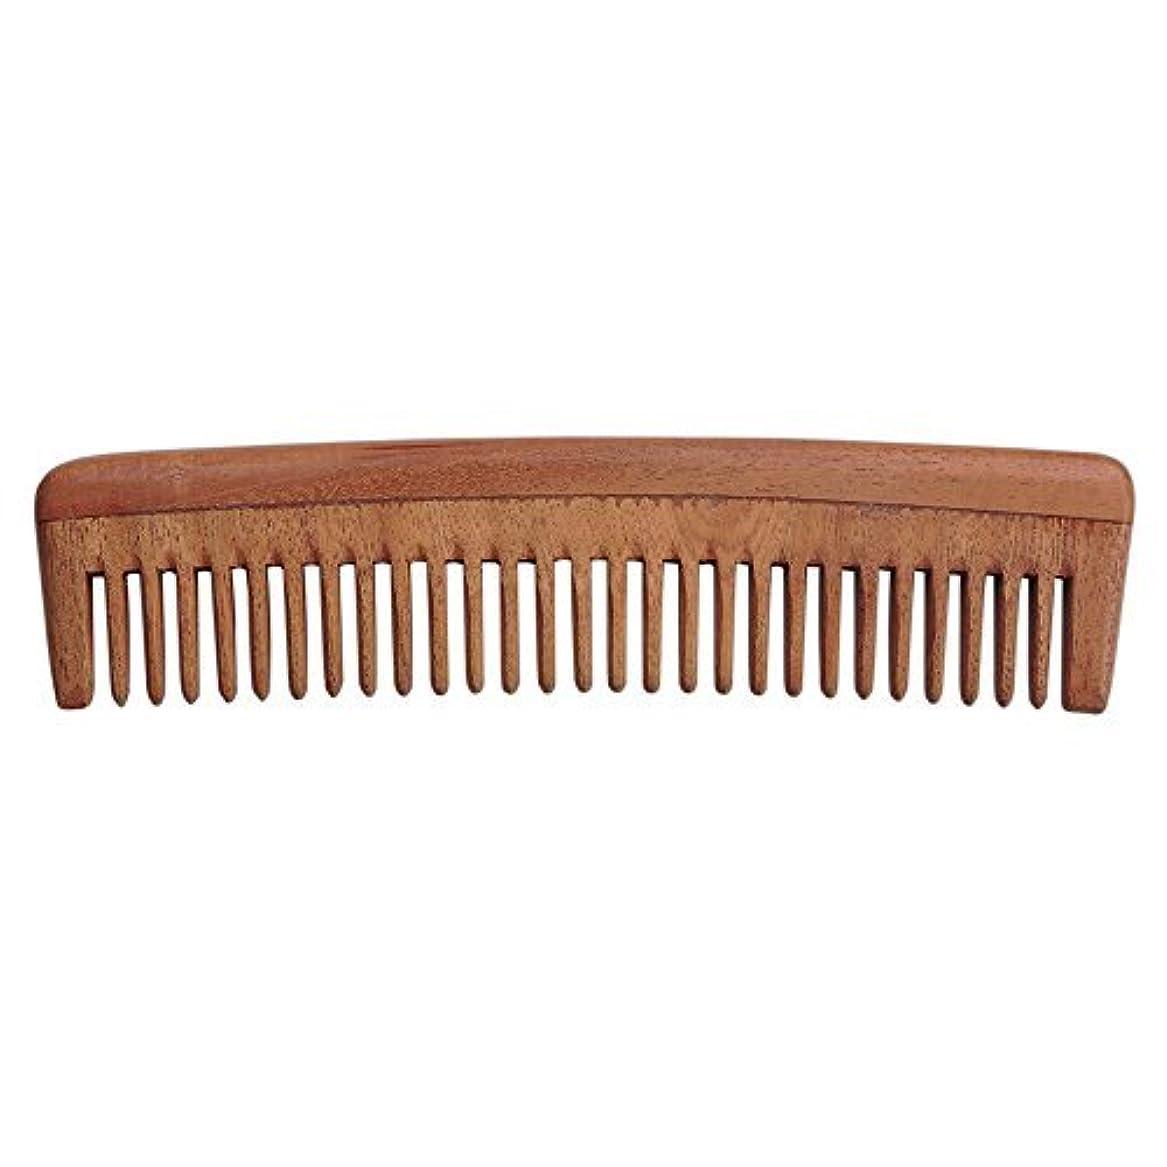 リゾート剛性ルビーHealthGoodsIn - Pure Neem Wood Wide Tooth Comb for Shiny Hair   Wide Tooth Comb   Natural and Organic for Hair...